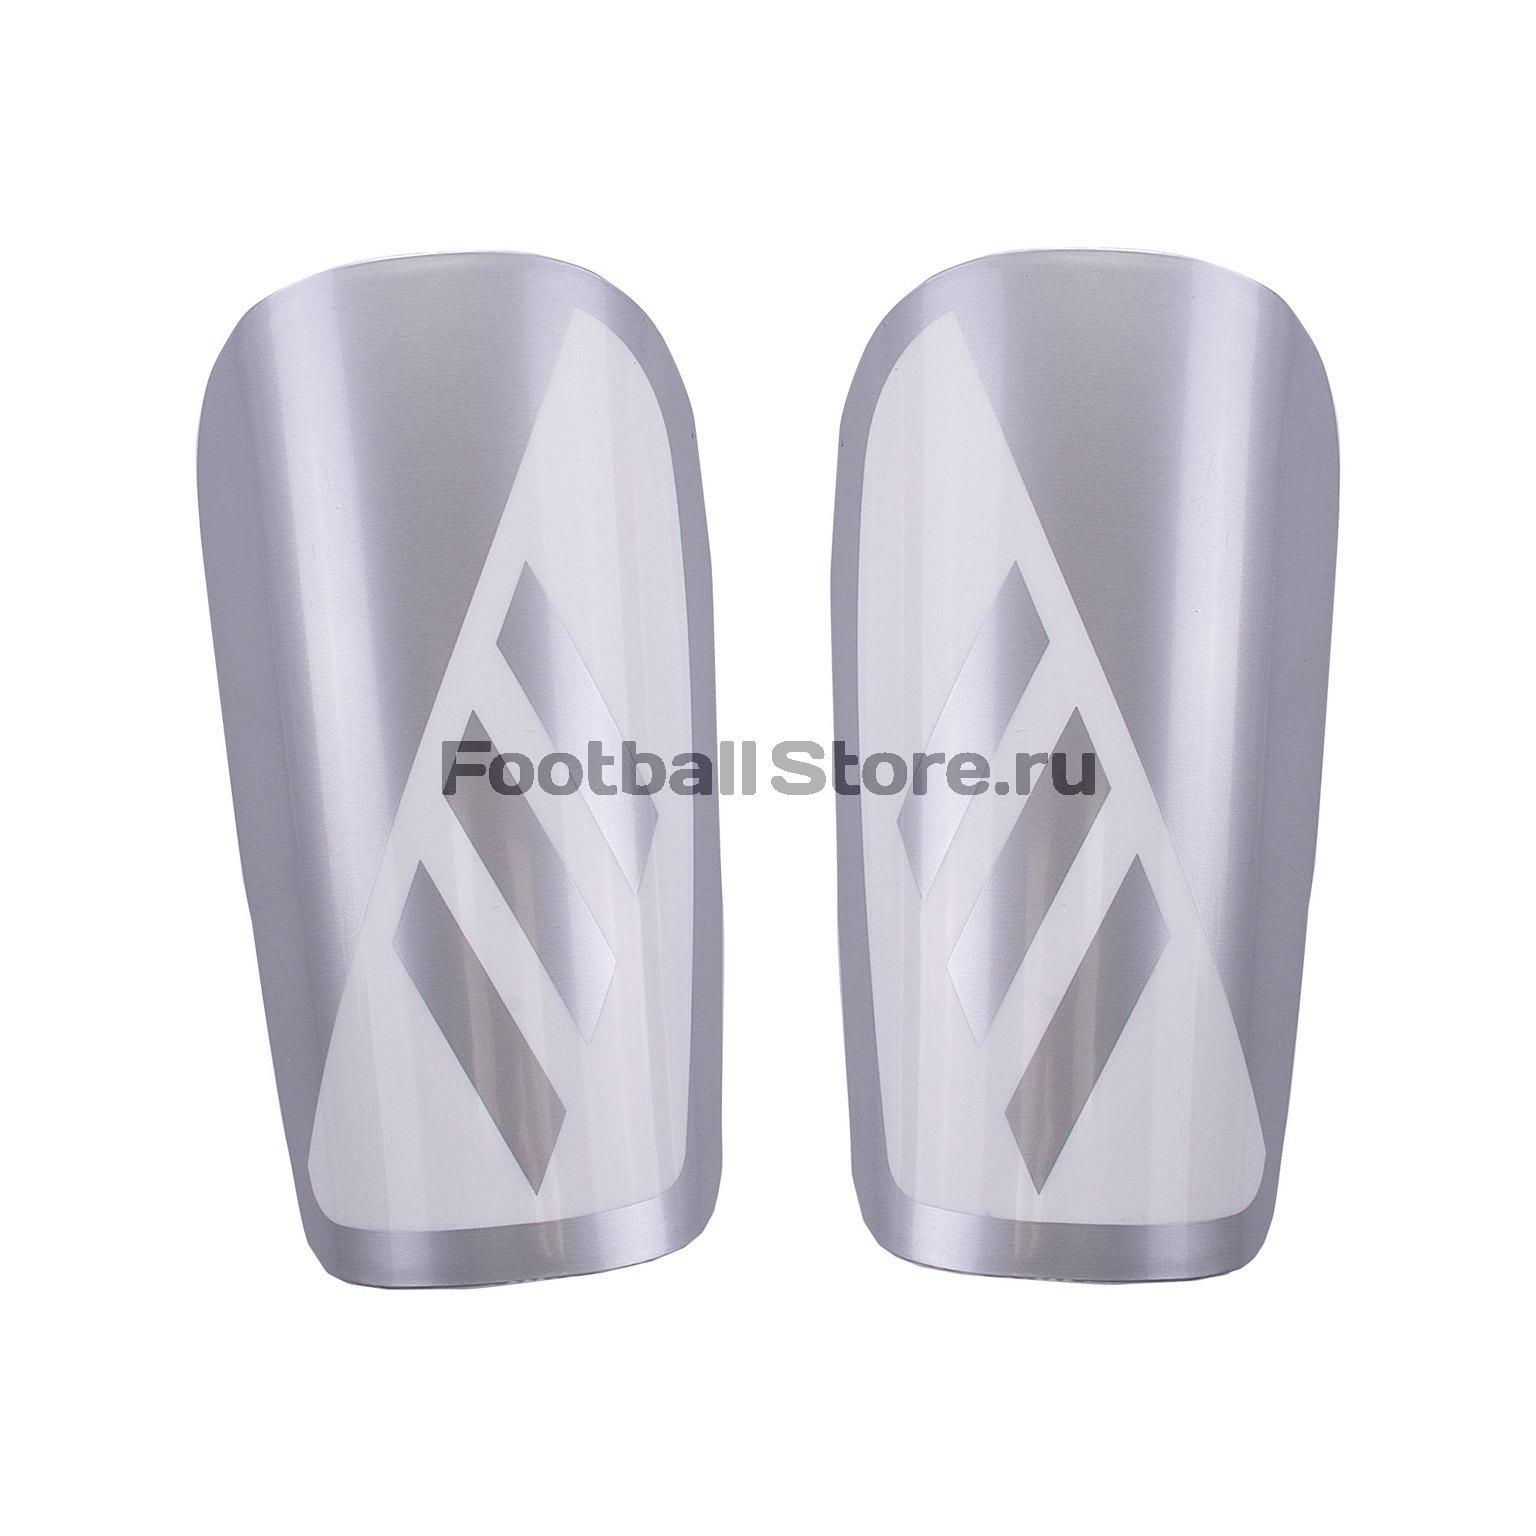 Щитки Adidas X Lesto DY2578 щитки футбольные adidas x lesto dy2578 серебристый размер m